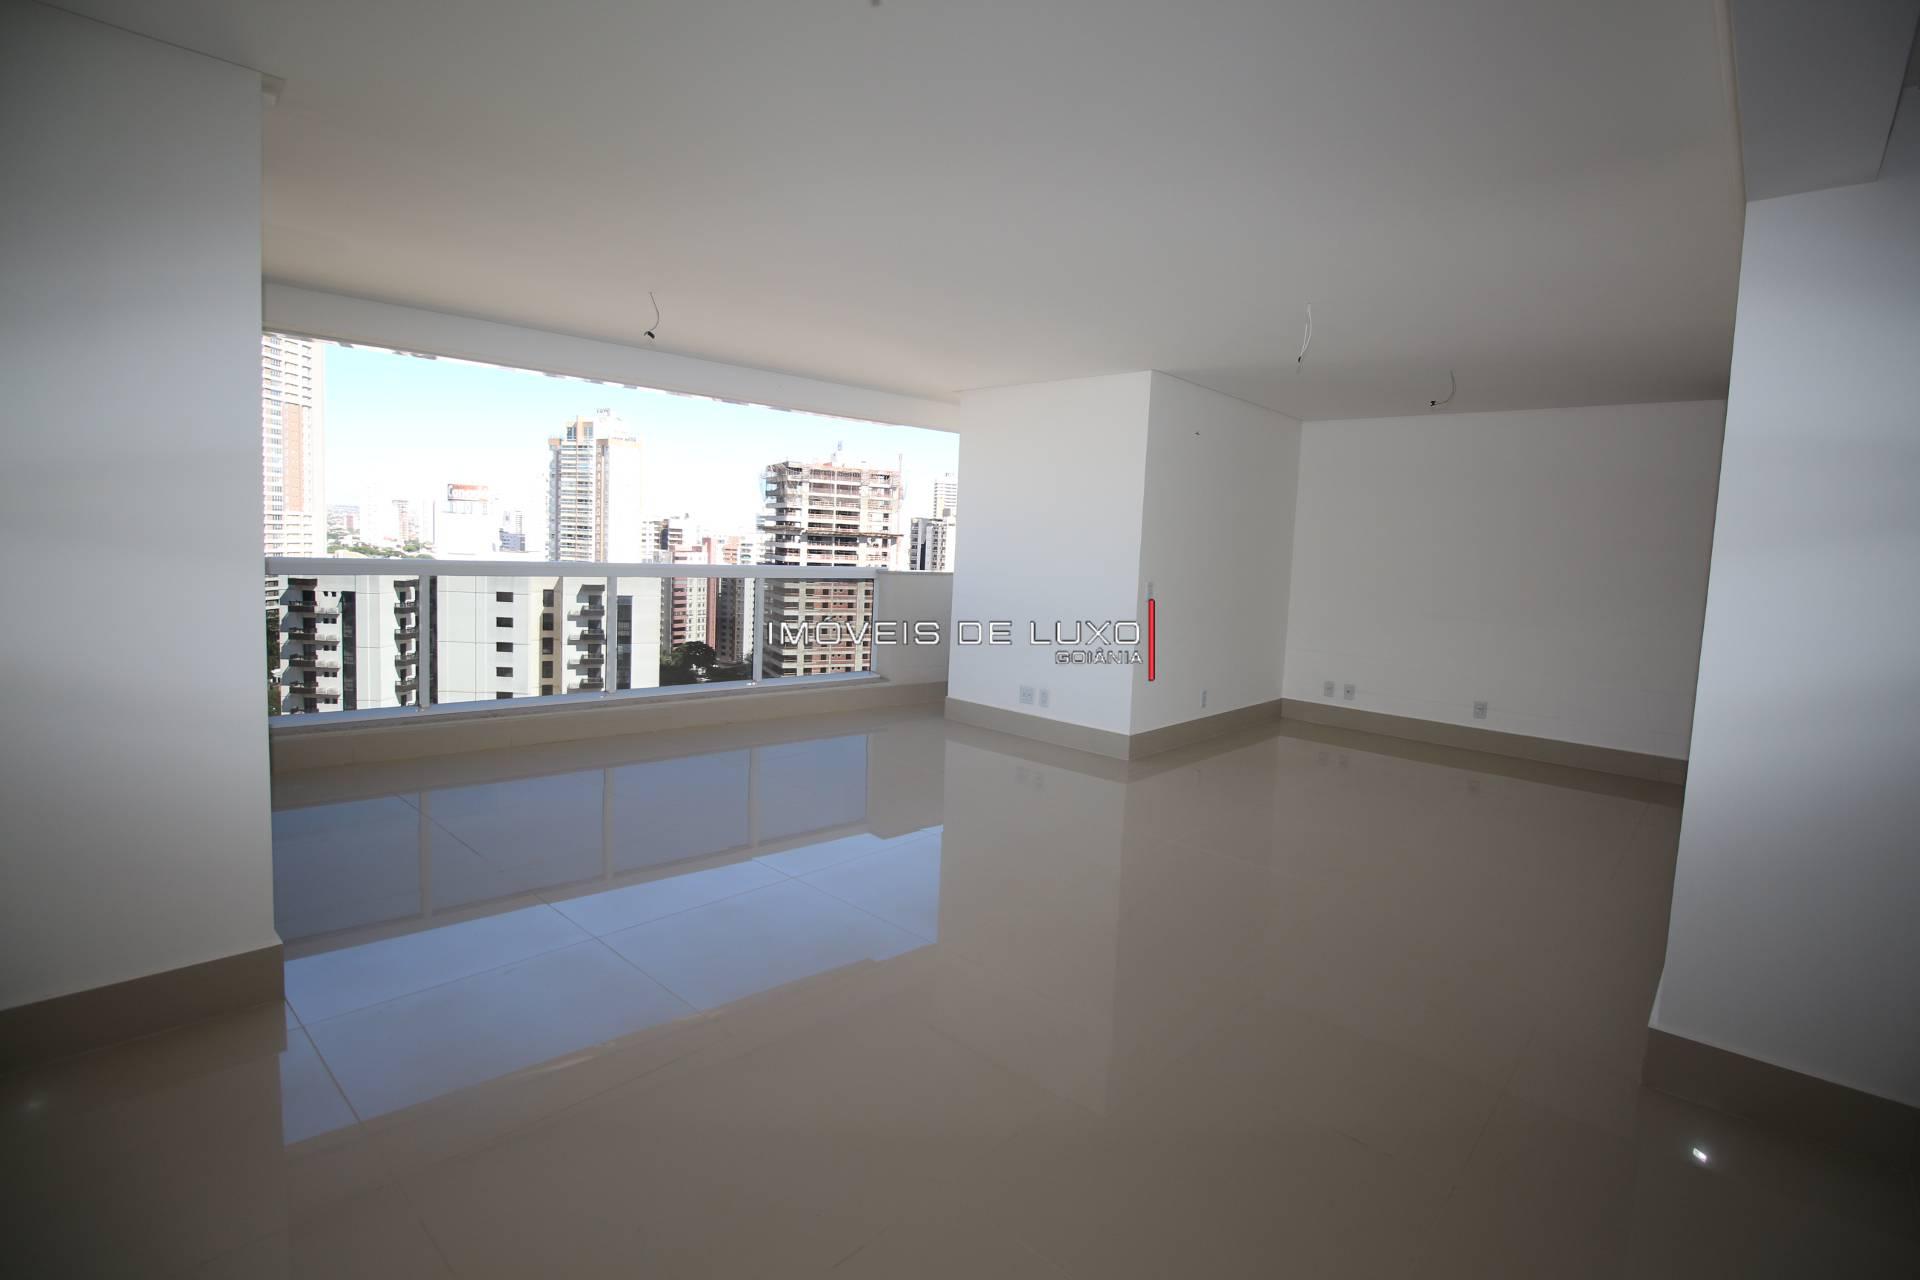 Imóveis de Luxo - Apartamento 3 suítes novo no Setor Oeste